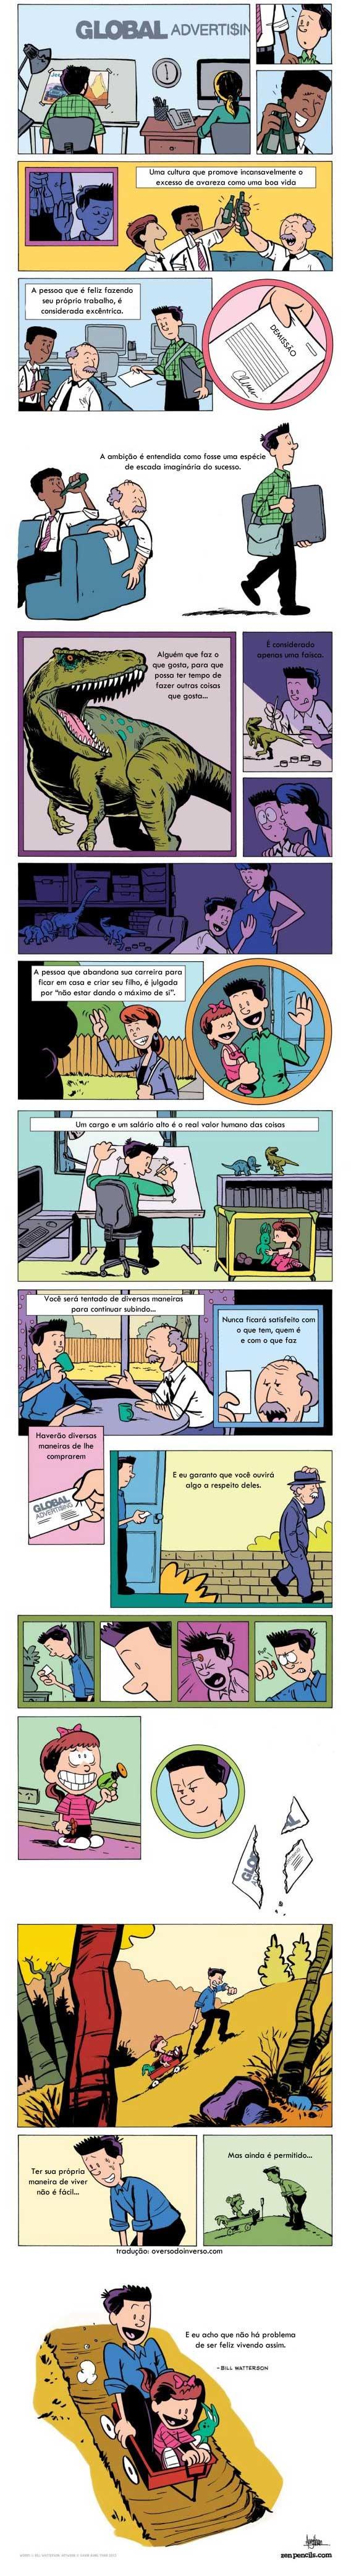 Os reais valores da vida (2)